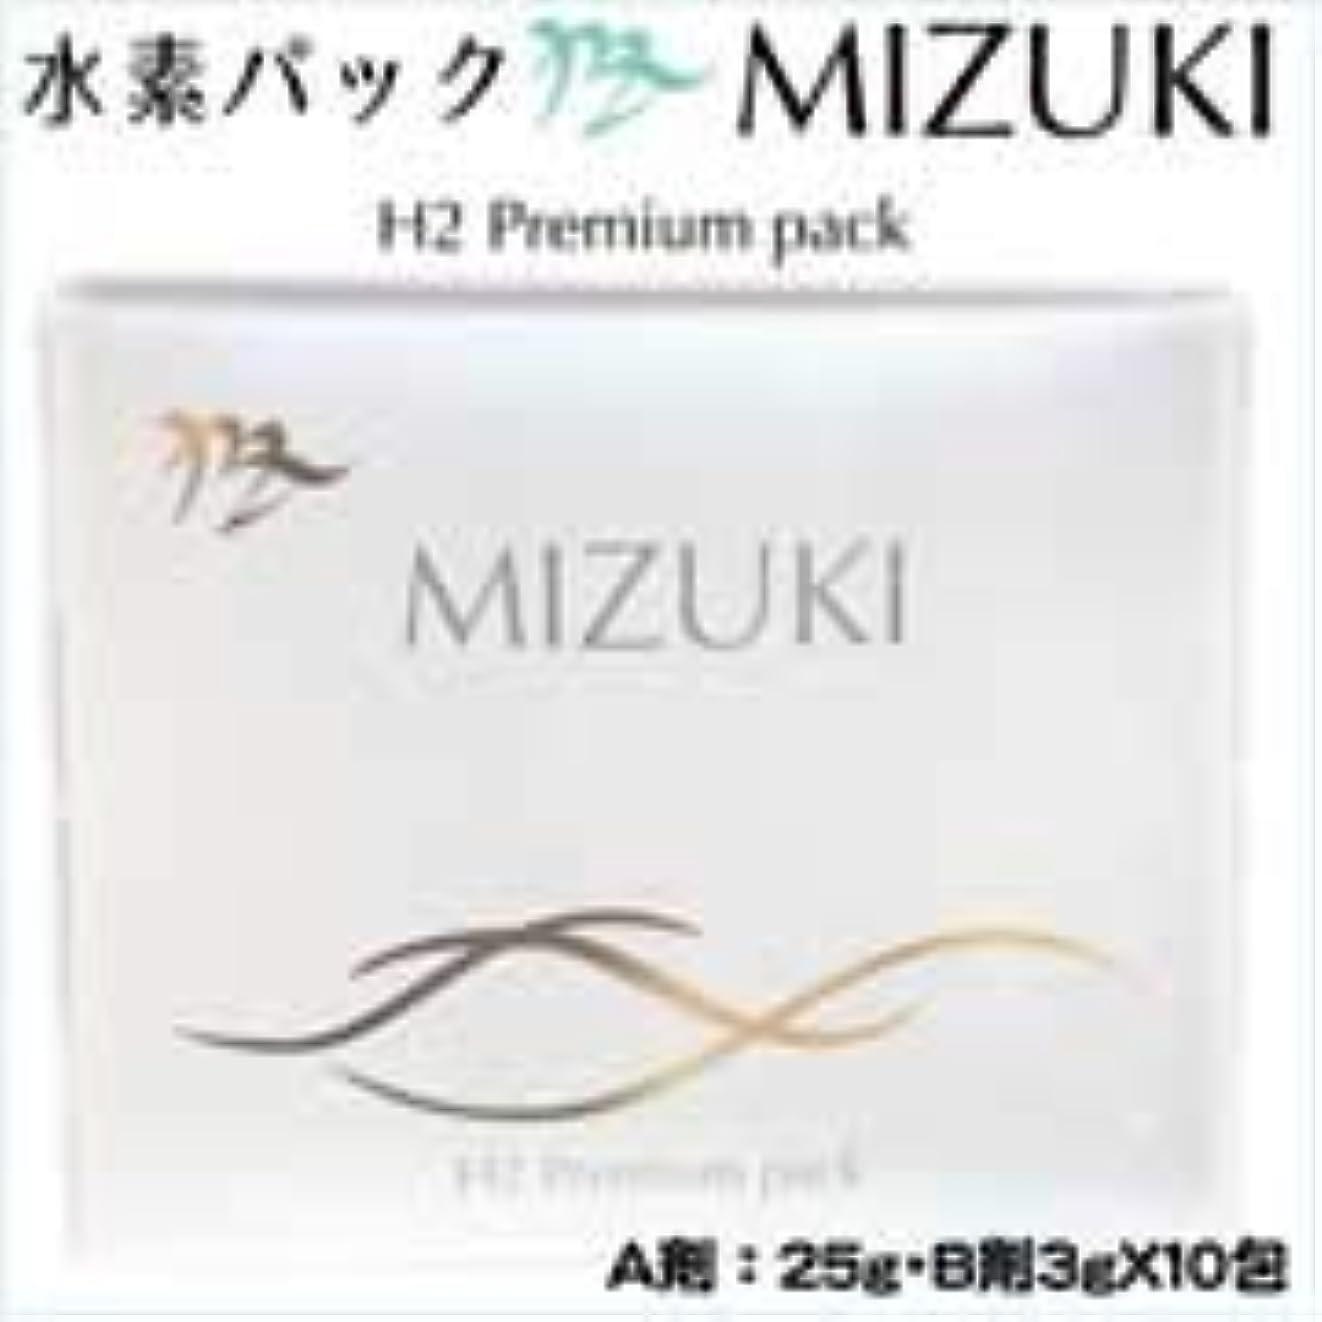 気づかない成果思い出させるMIZUKI H2 Premium pack ミズキ プレミアムパック A剤:25g、B剤:3gX10包 スパチュラ付き